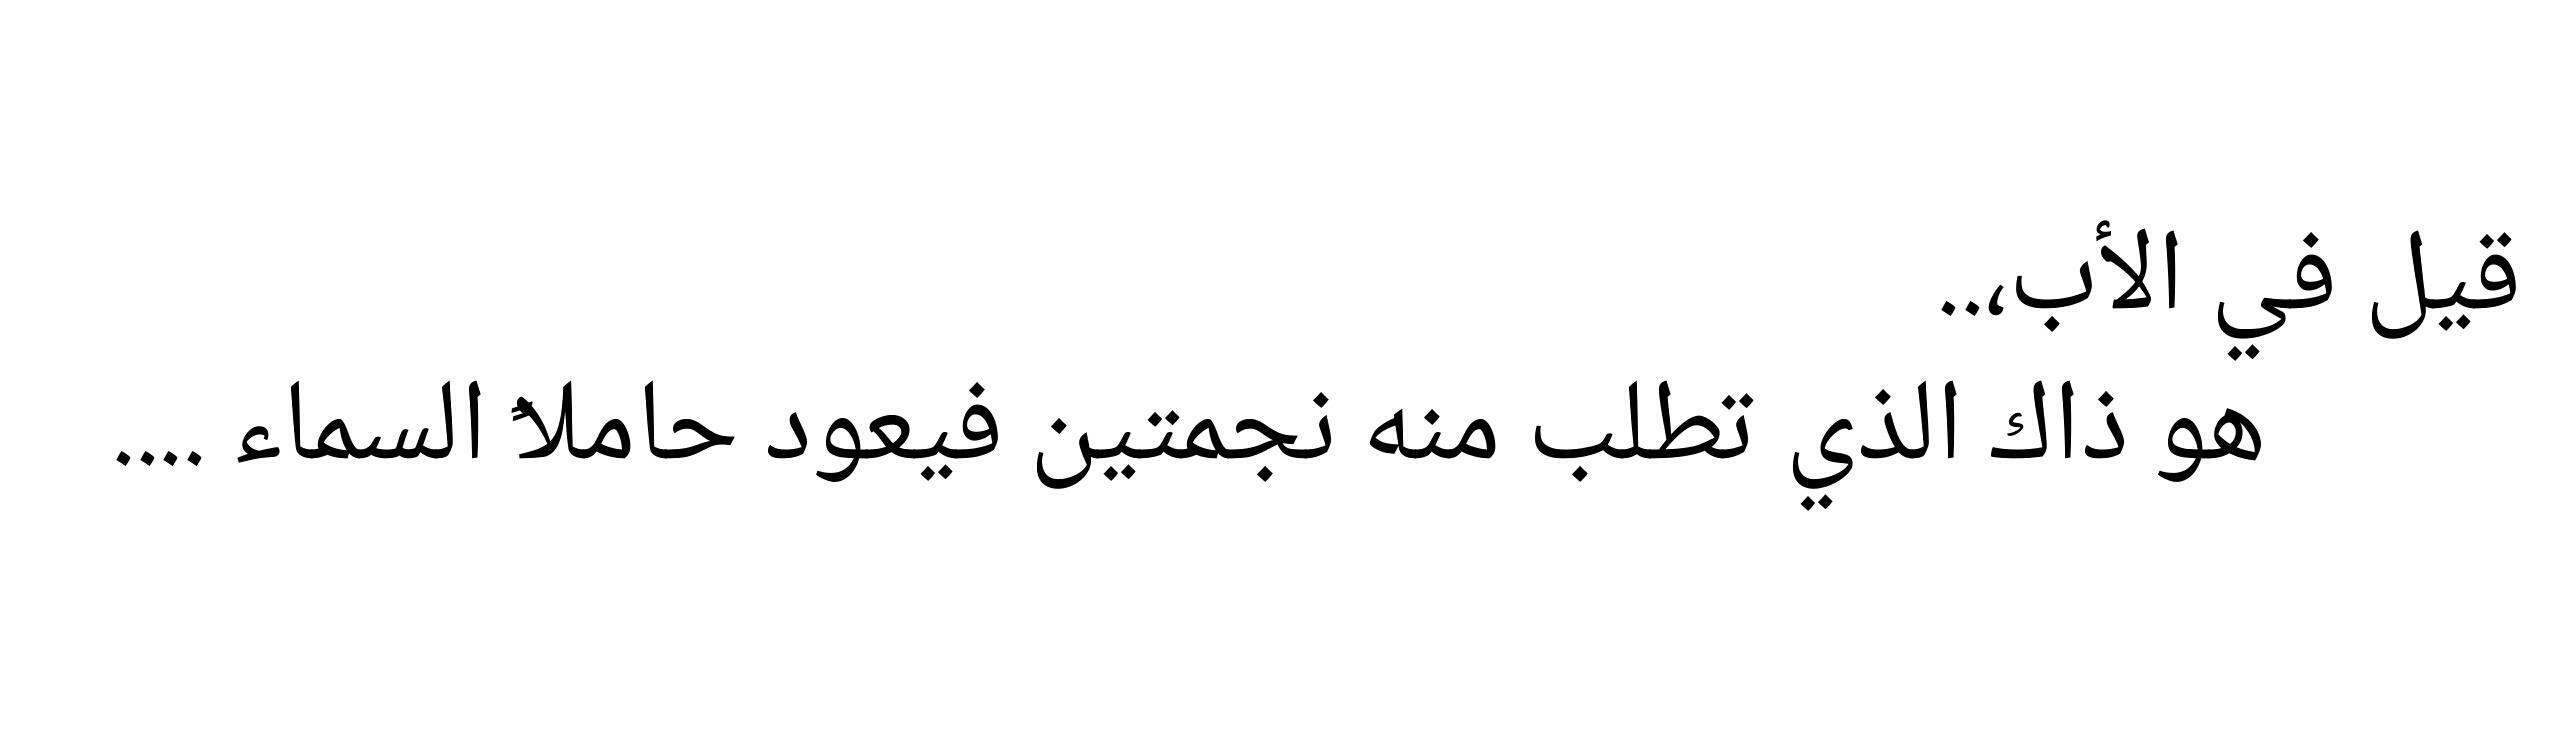 والدي أبي بابا أبوي يبه بكل اللهجات أحبك Calligraphy Arabic Calligraphy Education